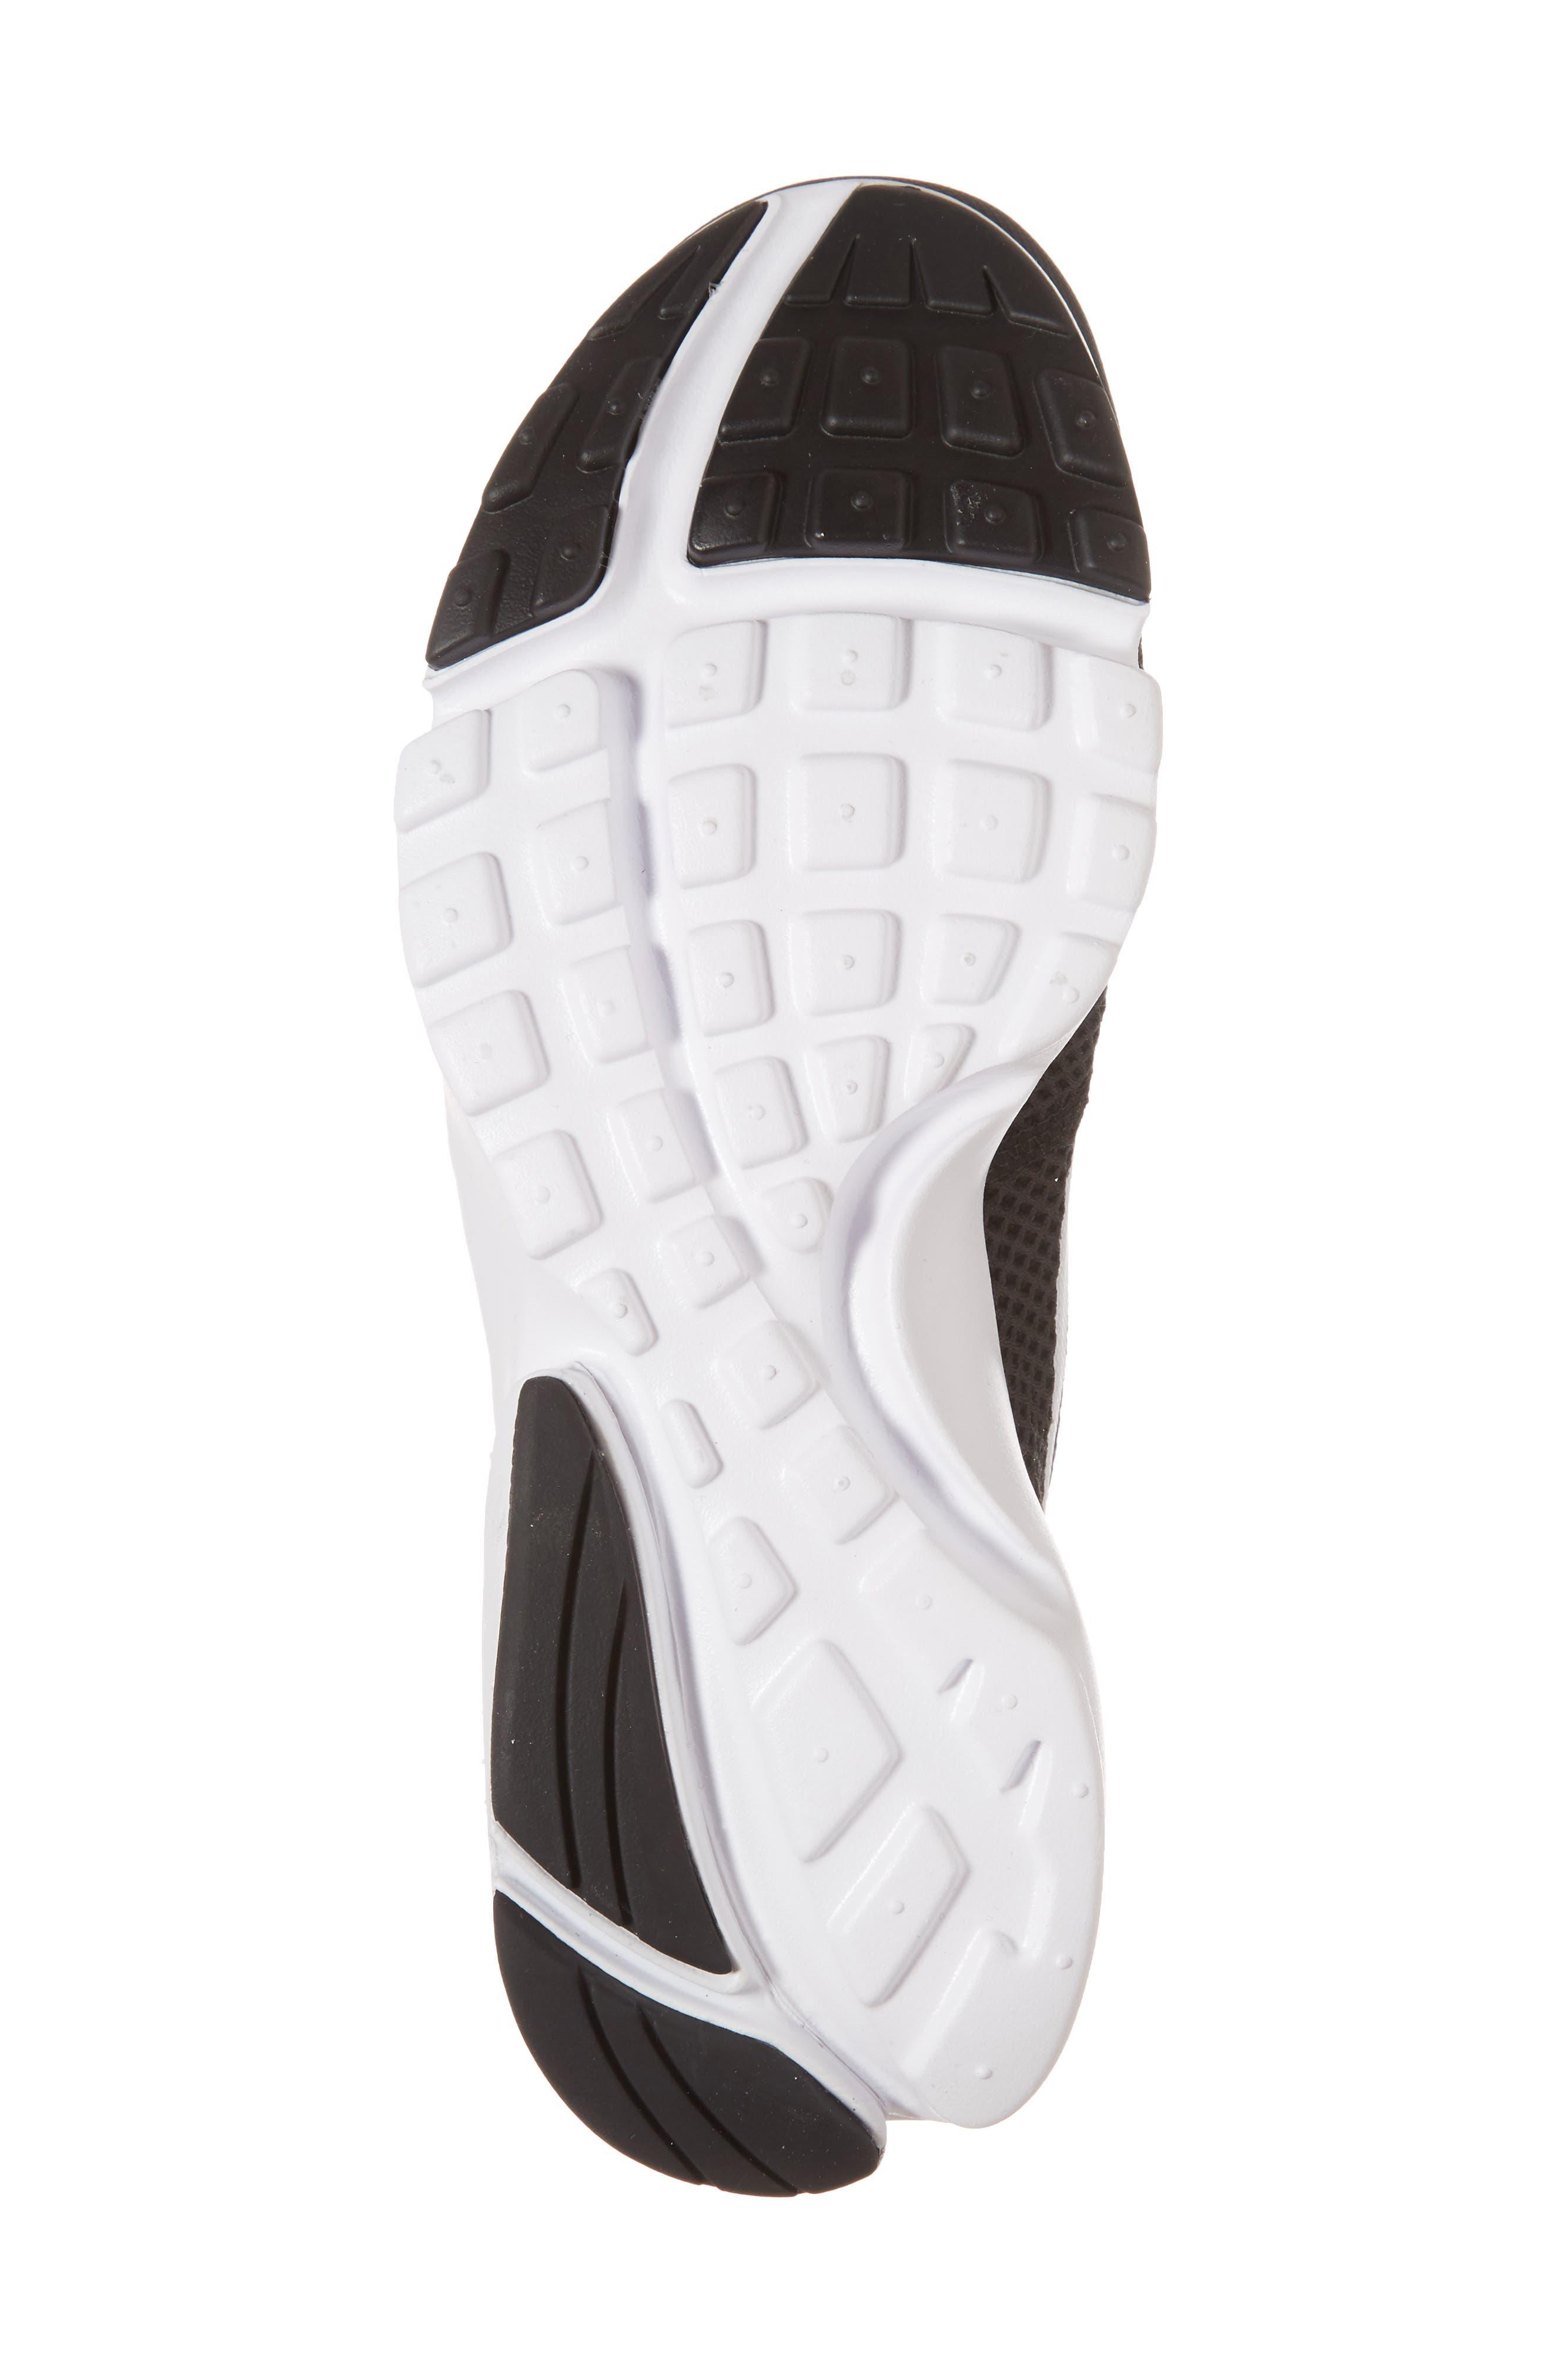 Presto Fly Sneaker,                             Alternate thumbnail 6, color,                             Black/ White/ White